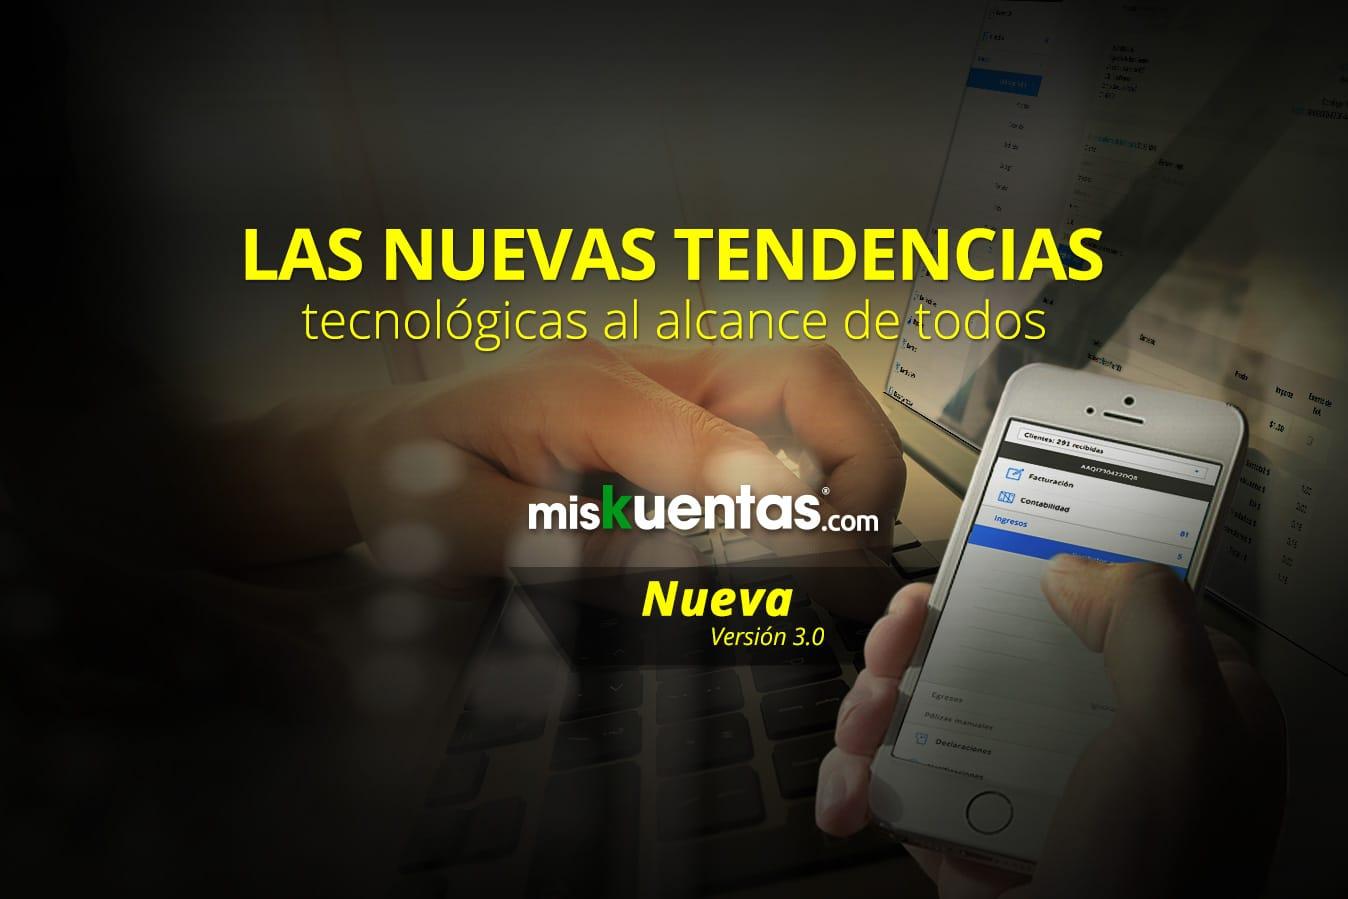 Las nuevas tendencias tecnológicas al alcance de todos